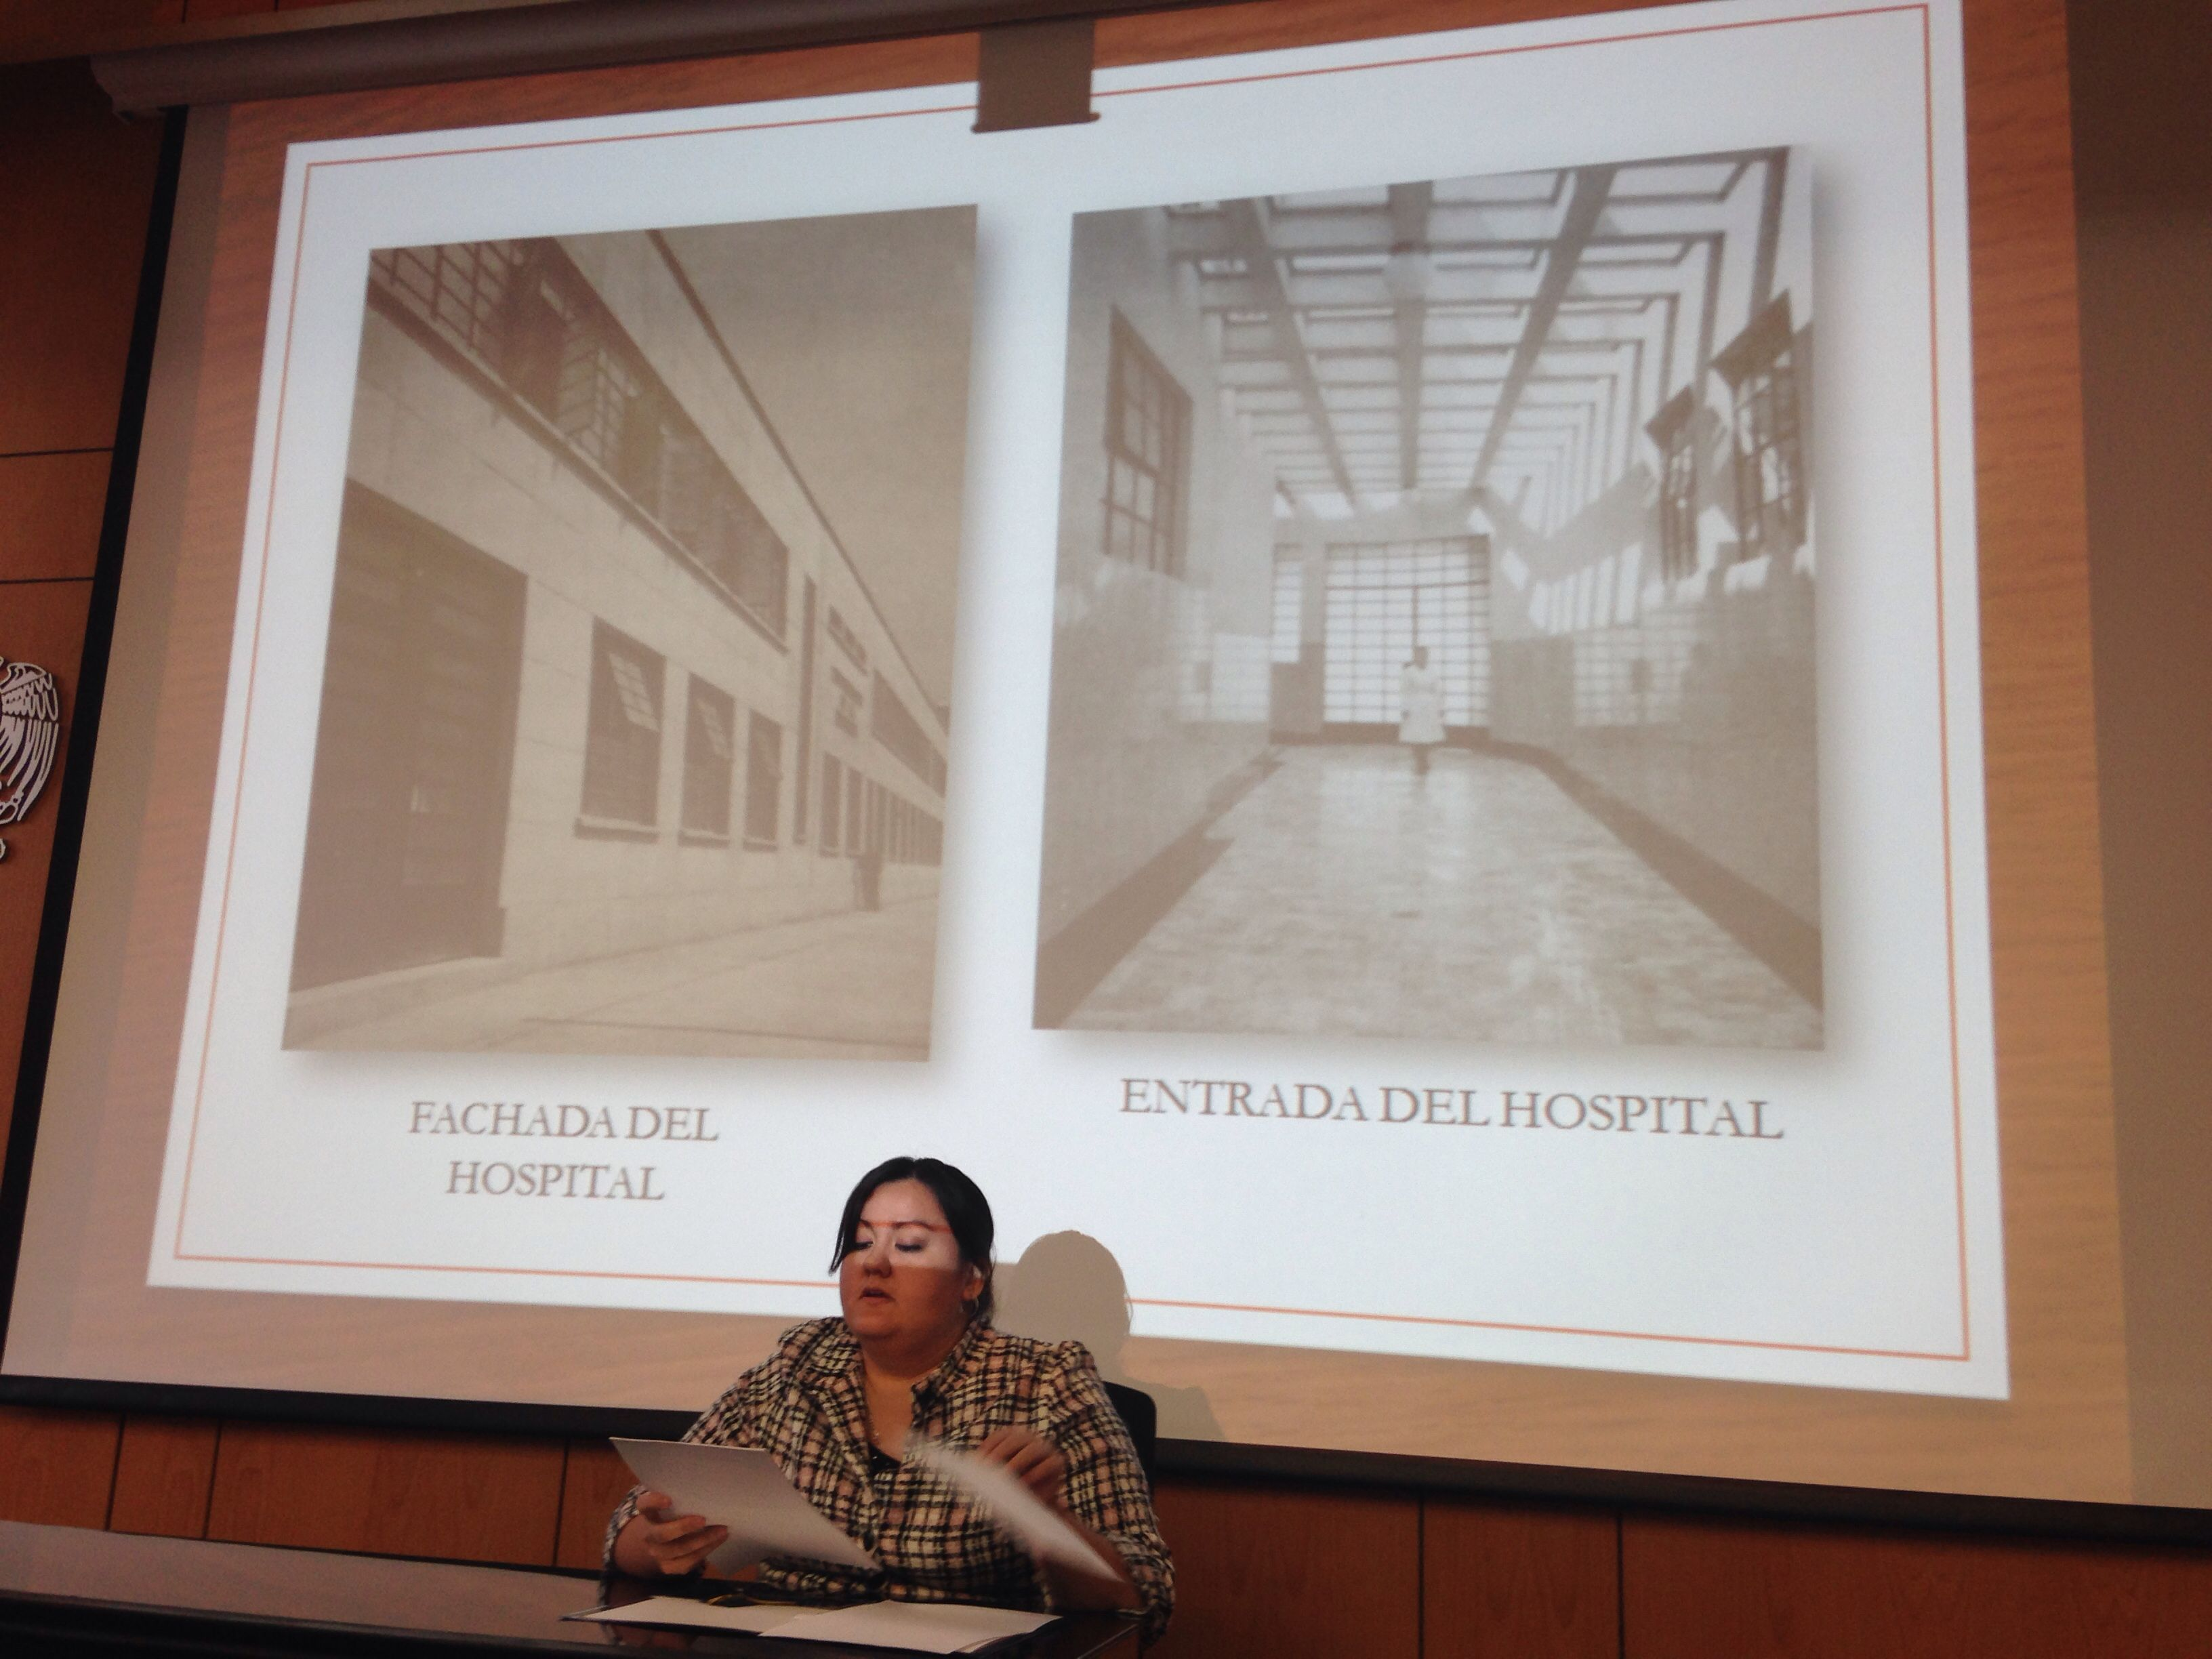 Segundo día en XIV congreso mexicano de la historia de la ciencia y la tecnología con la participación de la Dra Bonny  y la Dra Harumi Villa en @palaciomedicina